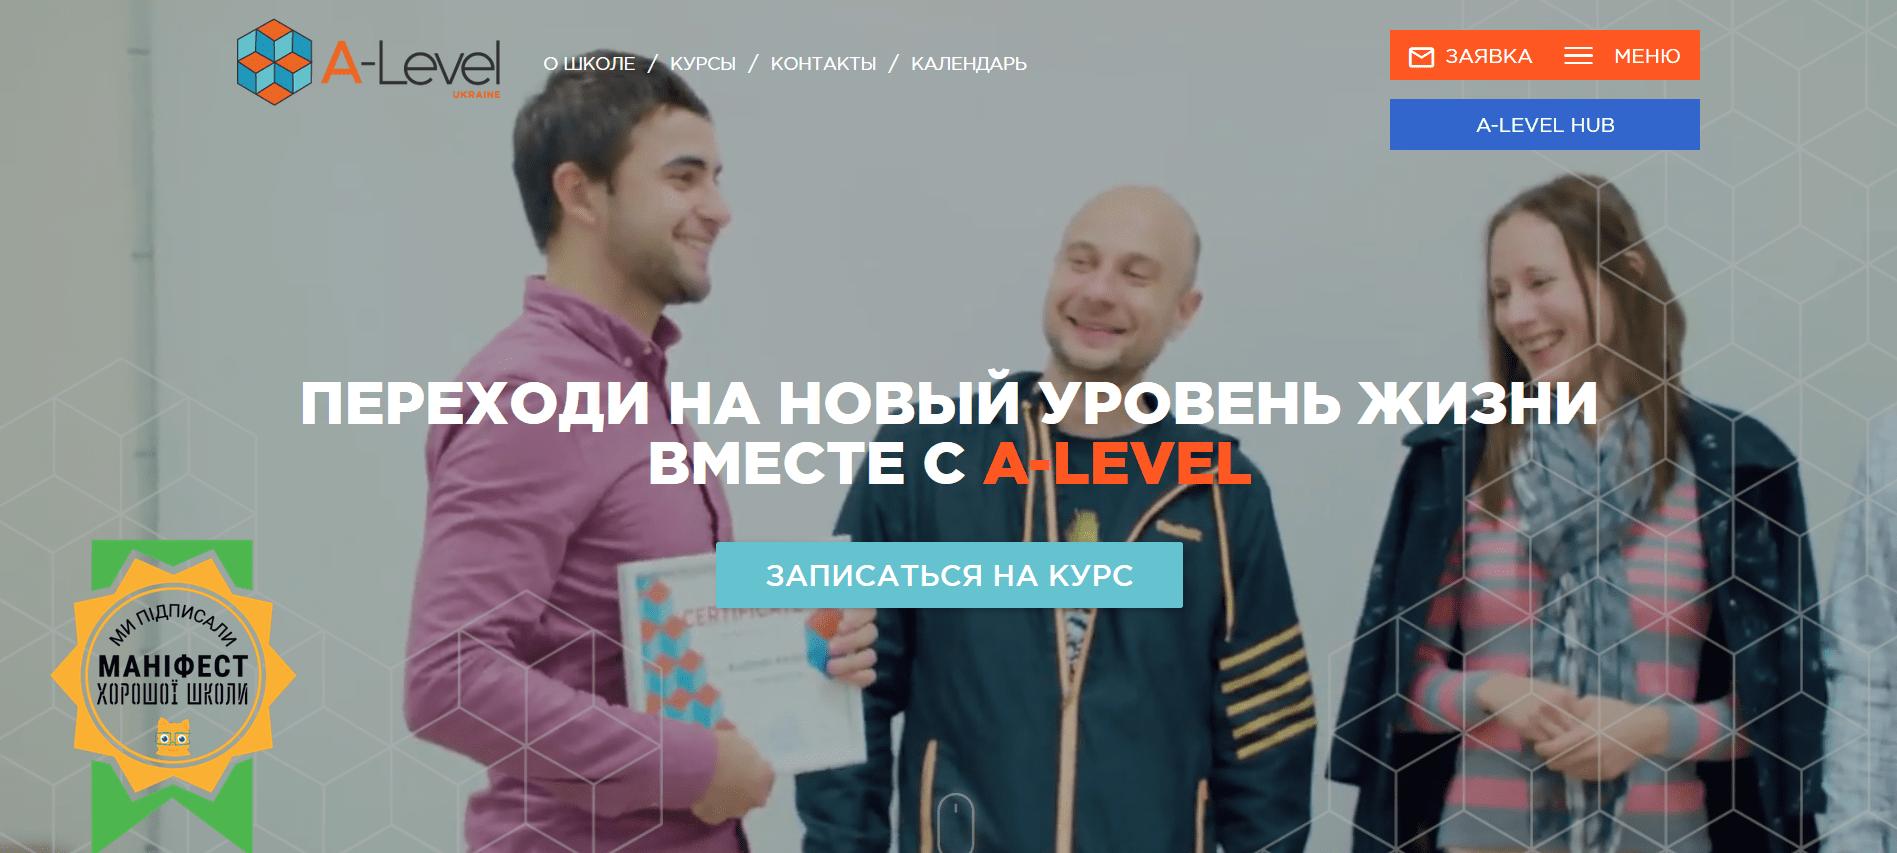 A-Level Ukraine